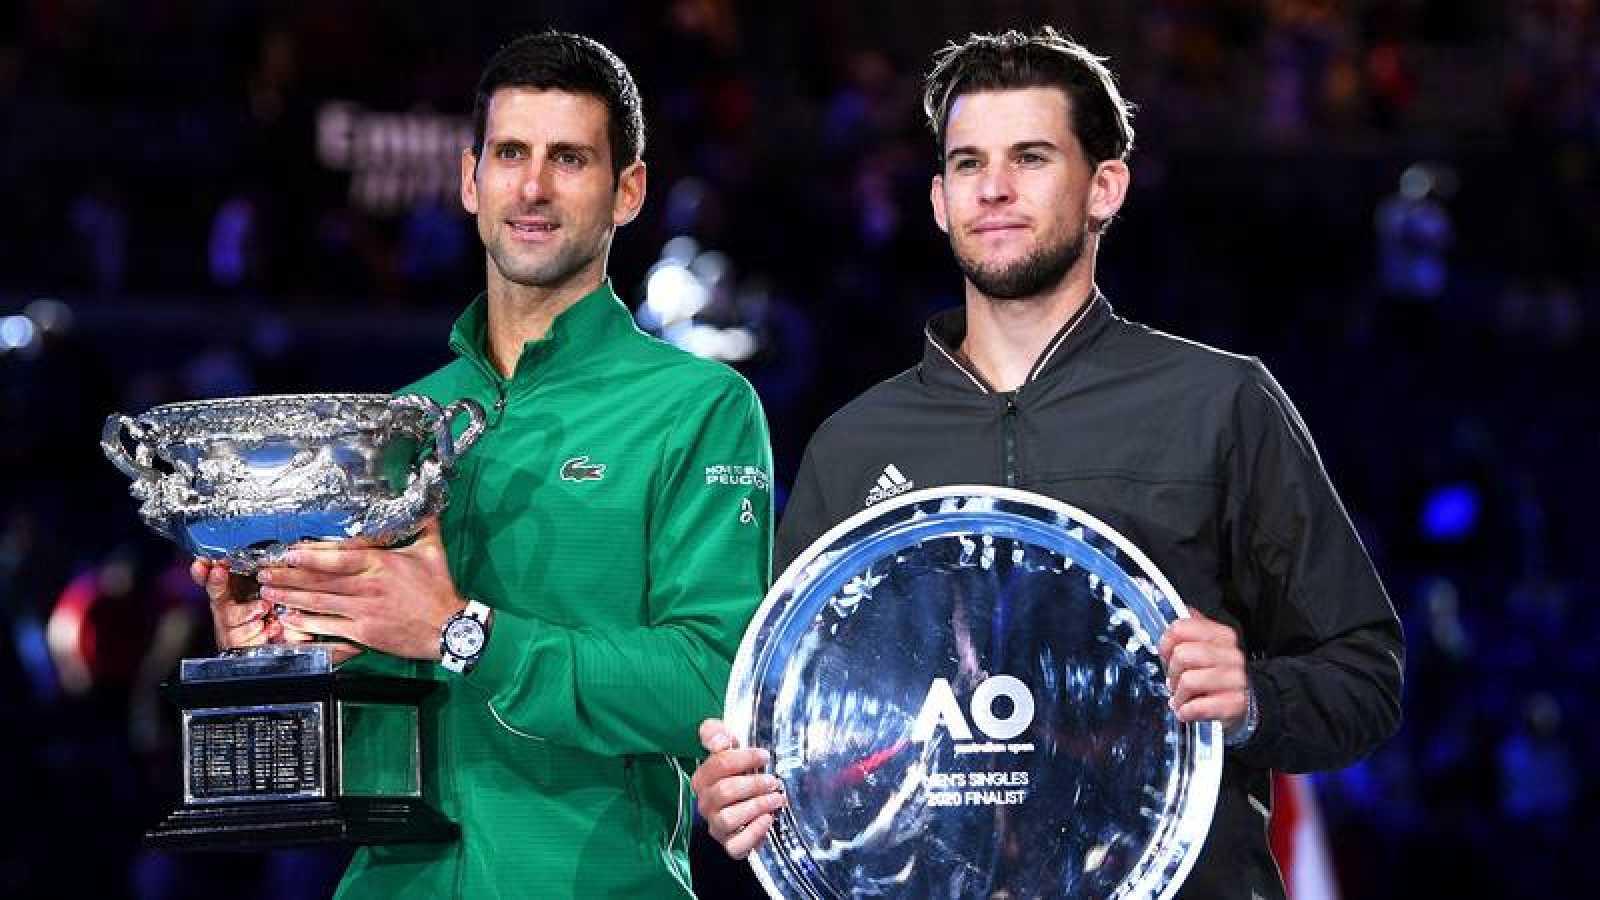 Novak Djokvic y Dominic Thiem posan con sus trofeos tras la final del Abierto de Australia 2020.